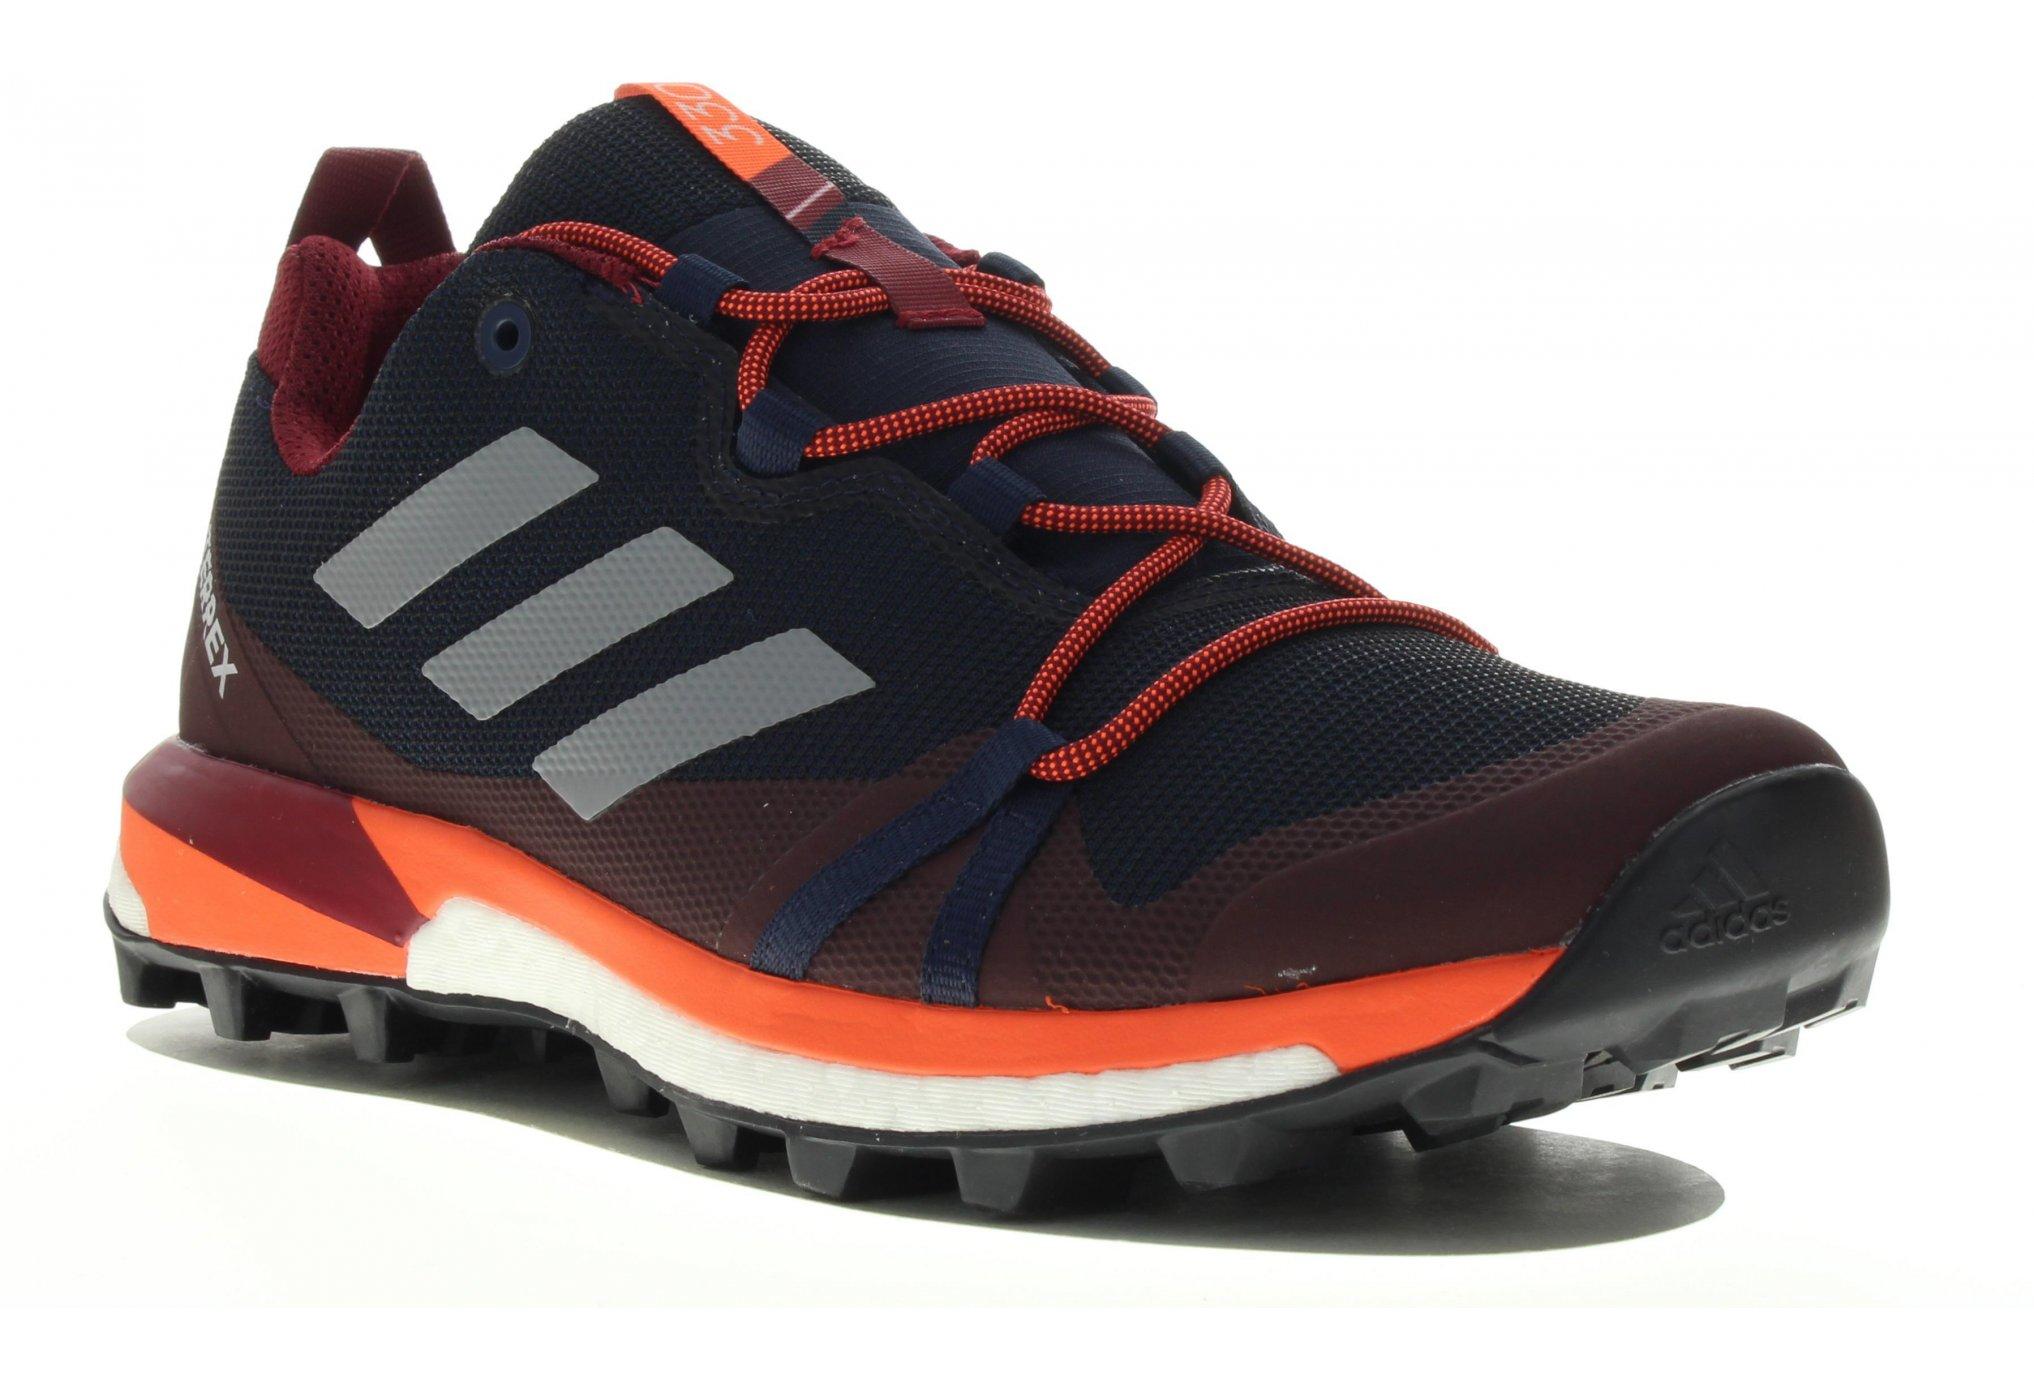 adidas Terrex Skychaser LT M Diététique Chaussures homme